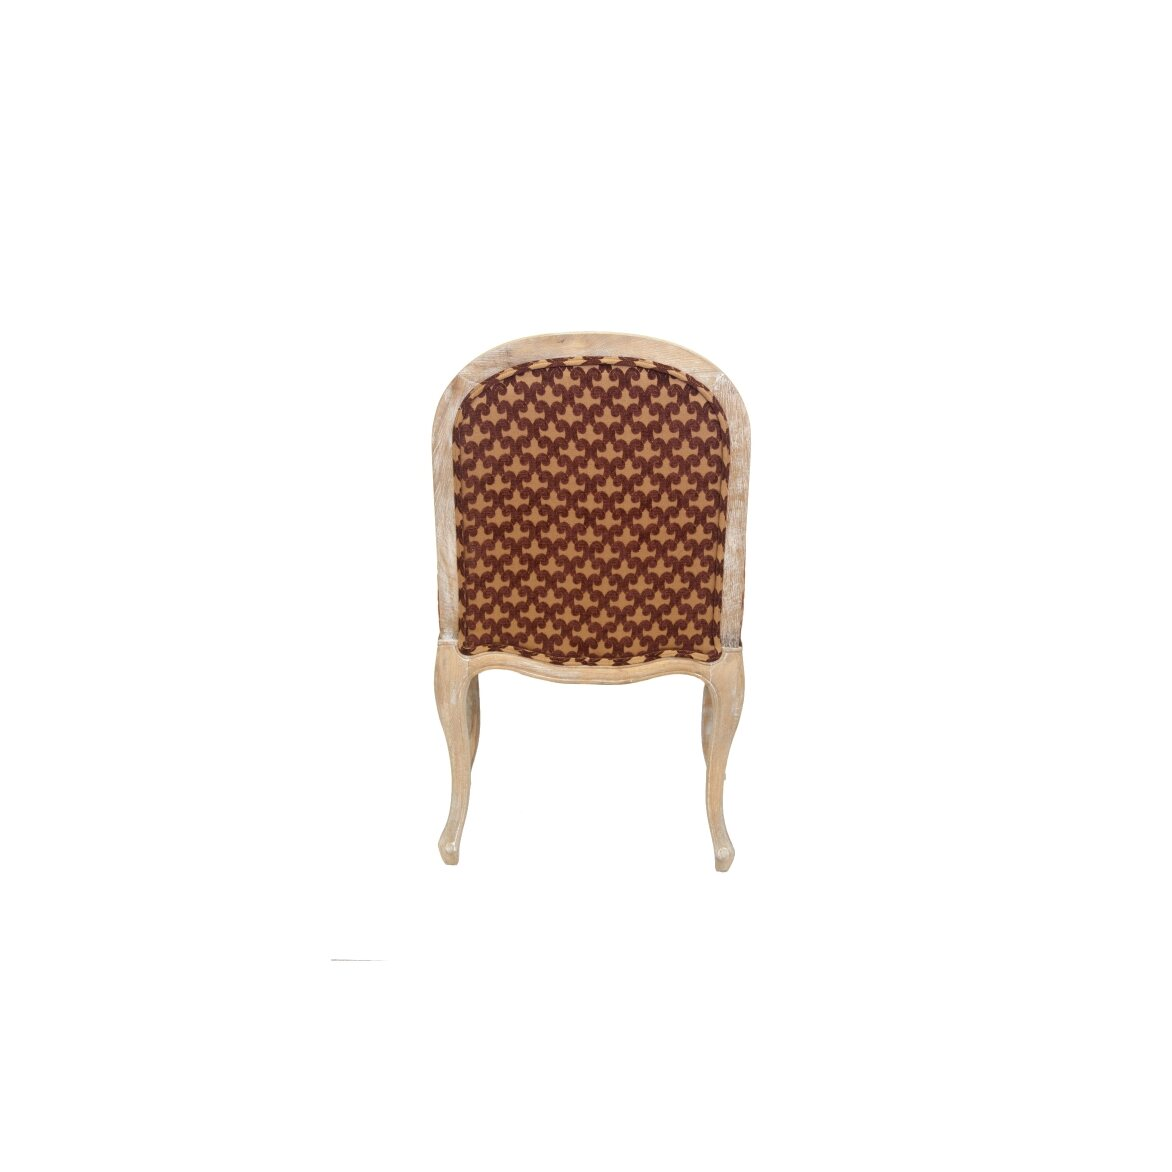 Кресло Callee 3 | Кресло-стул Kingsby